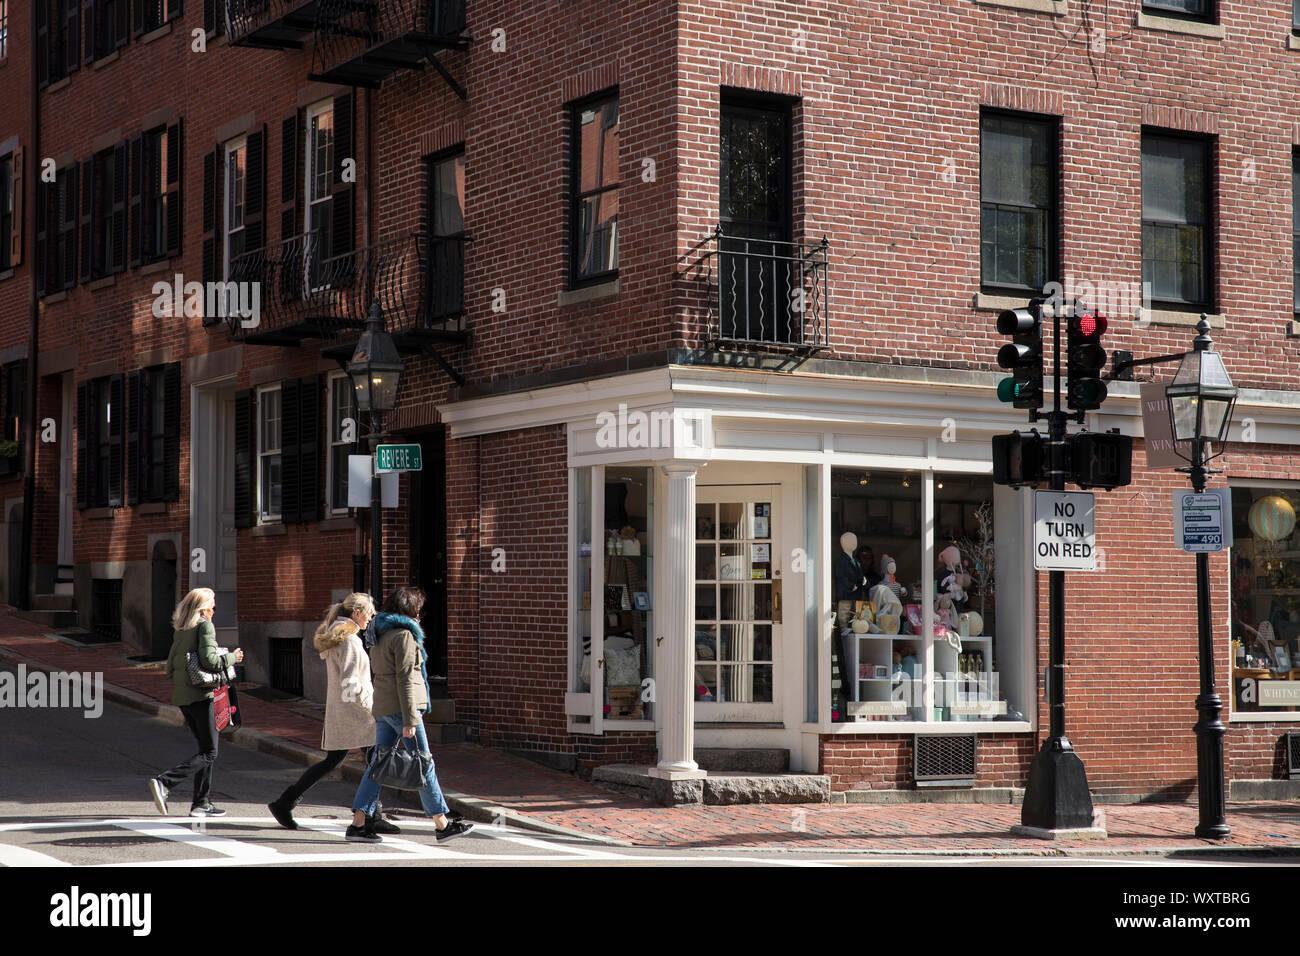 Escena callejera de gente caminando, tiendas, el tráfico y los semáforos, en el histórico distrito de Charles Street, ciudad de Boston, EE.UU. Foto de stock